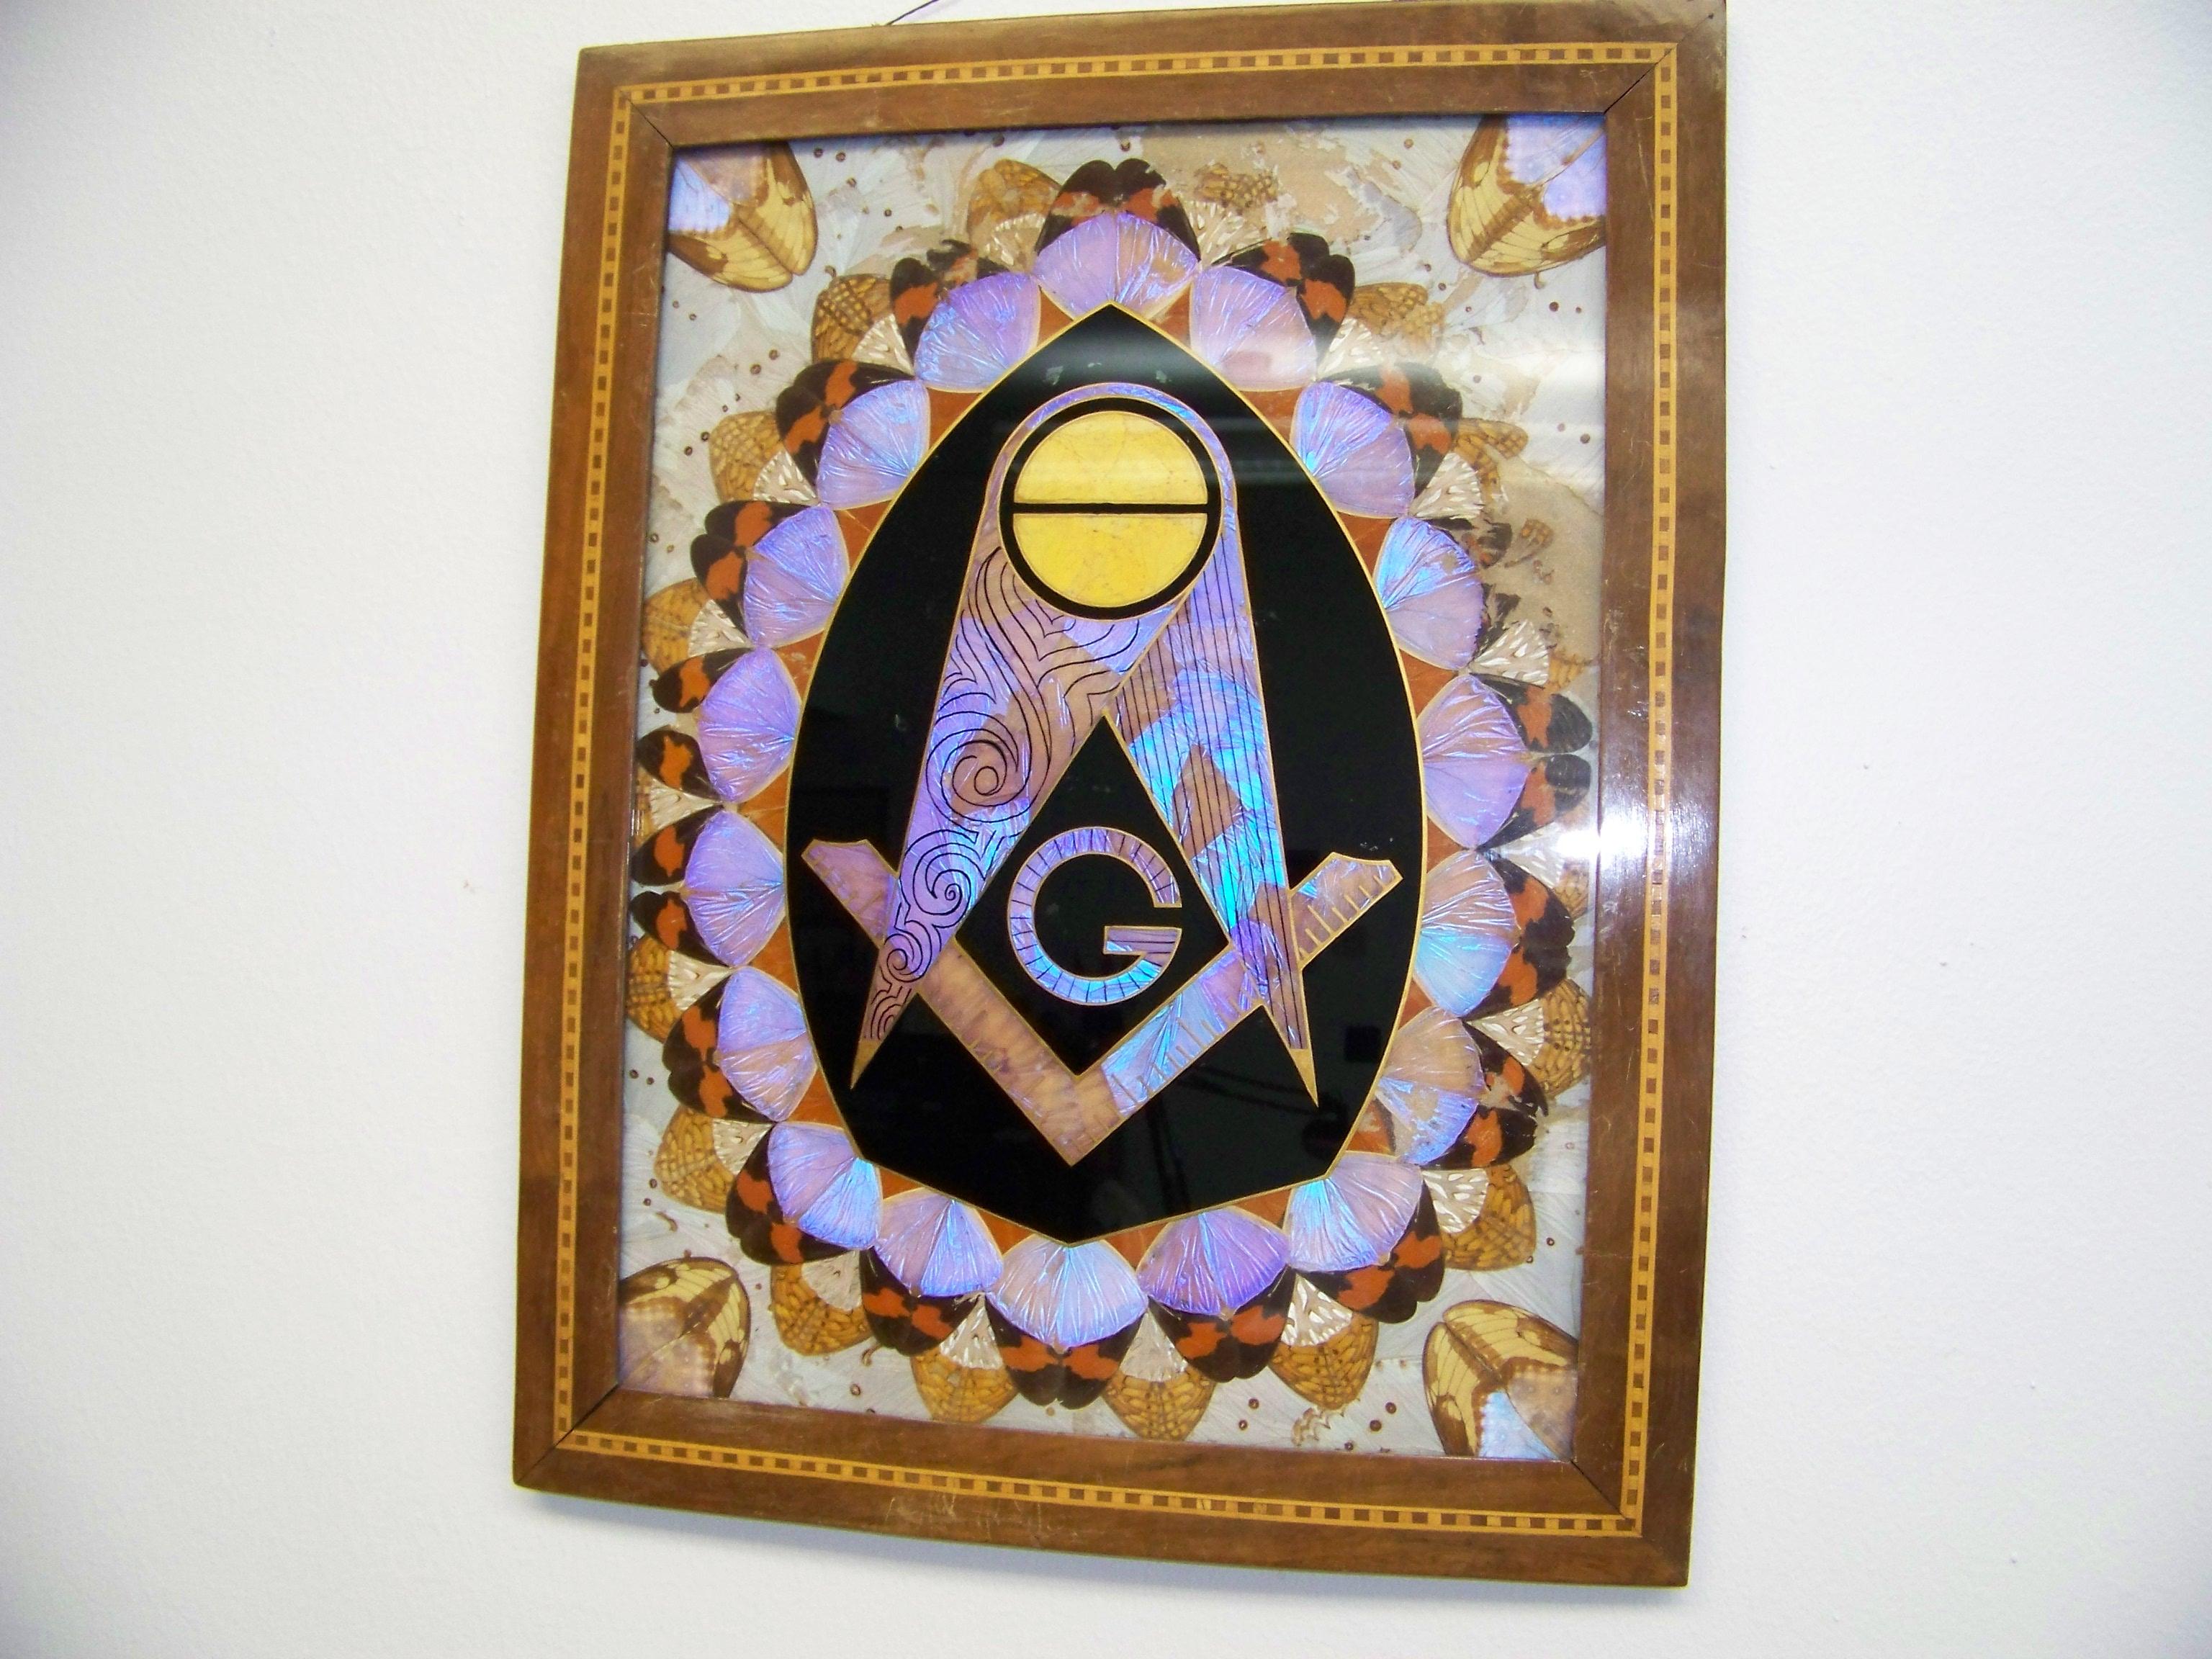 Masonic Lodge Emblem